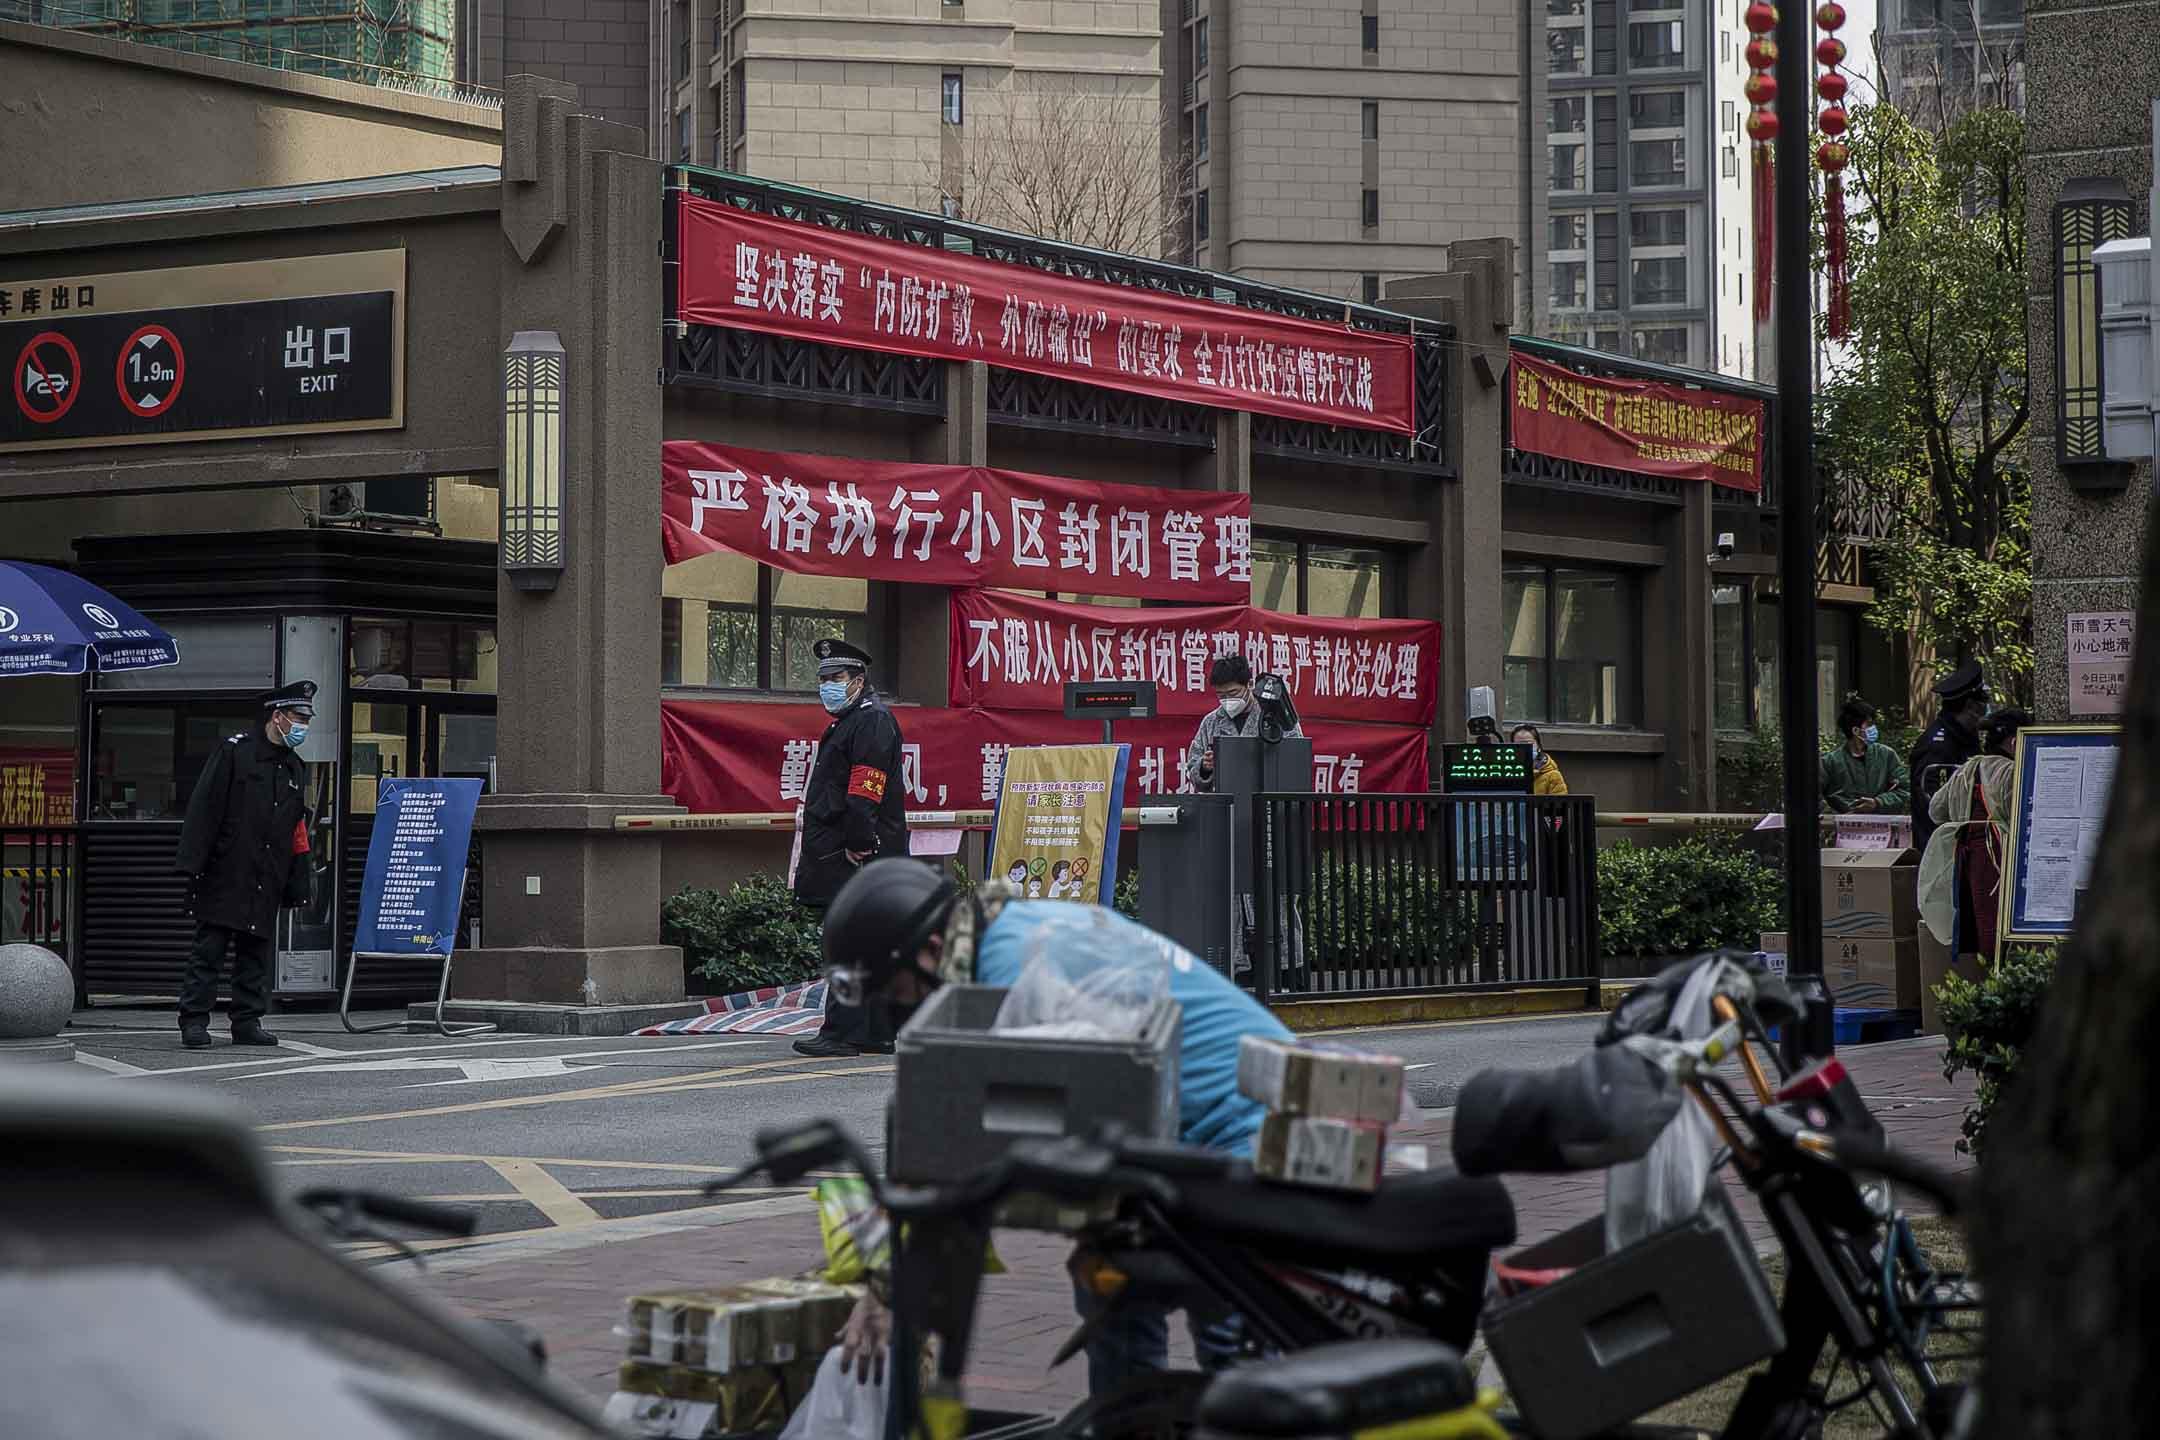 百步亭小區封閉後,武漢居民和快遞員只能在門口交接包裹。 攝:Gerry Yin/端傳媒